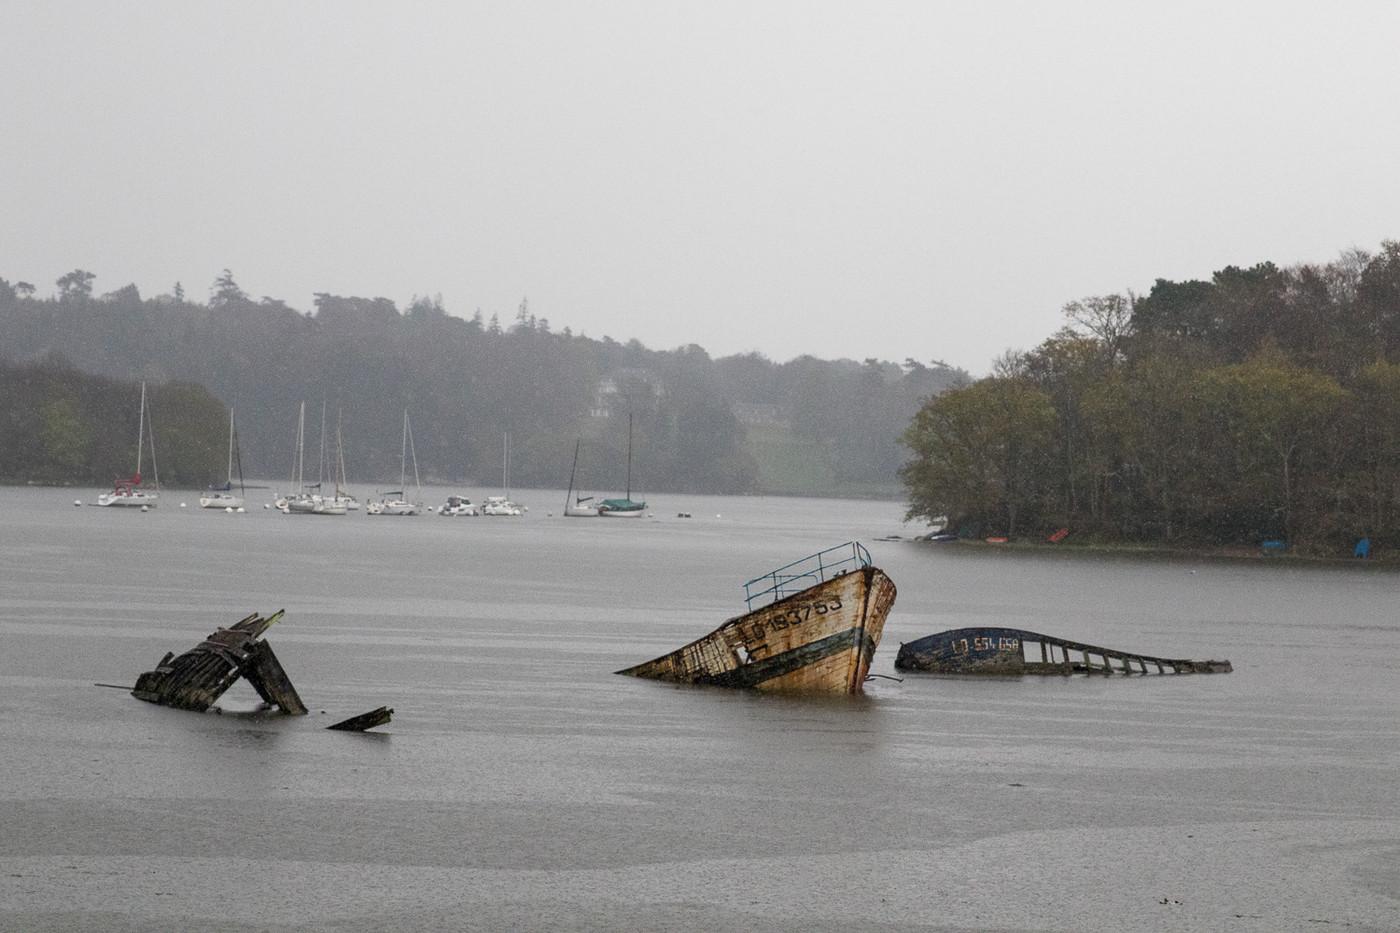 Cimetiere de bateau de Lanester